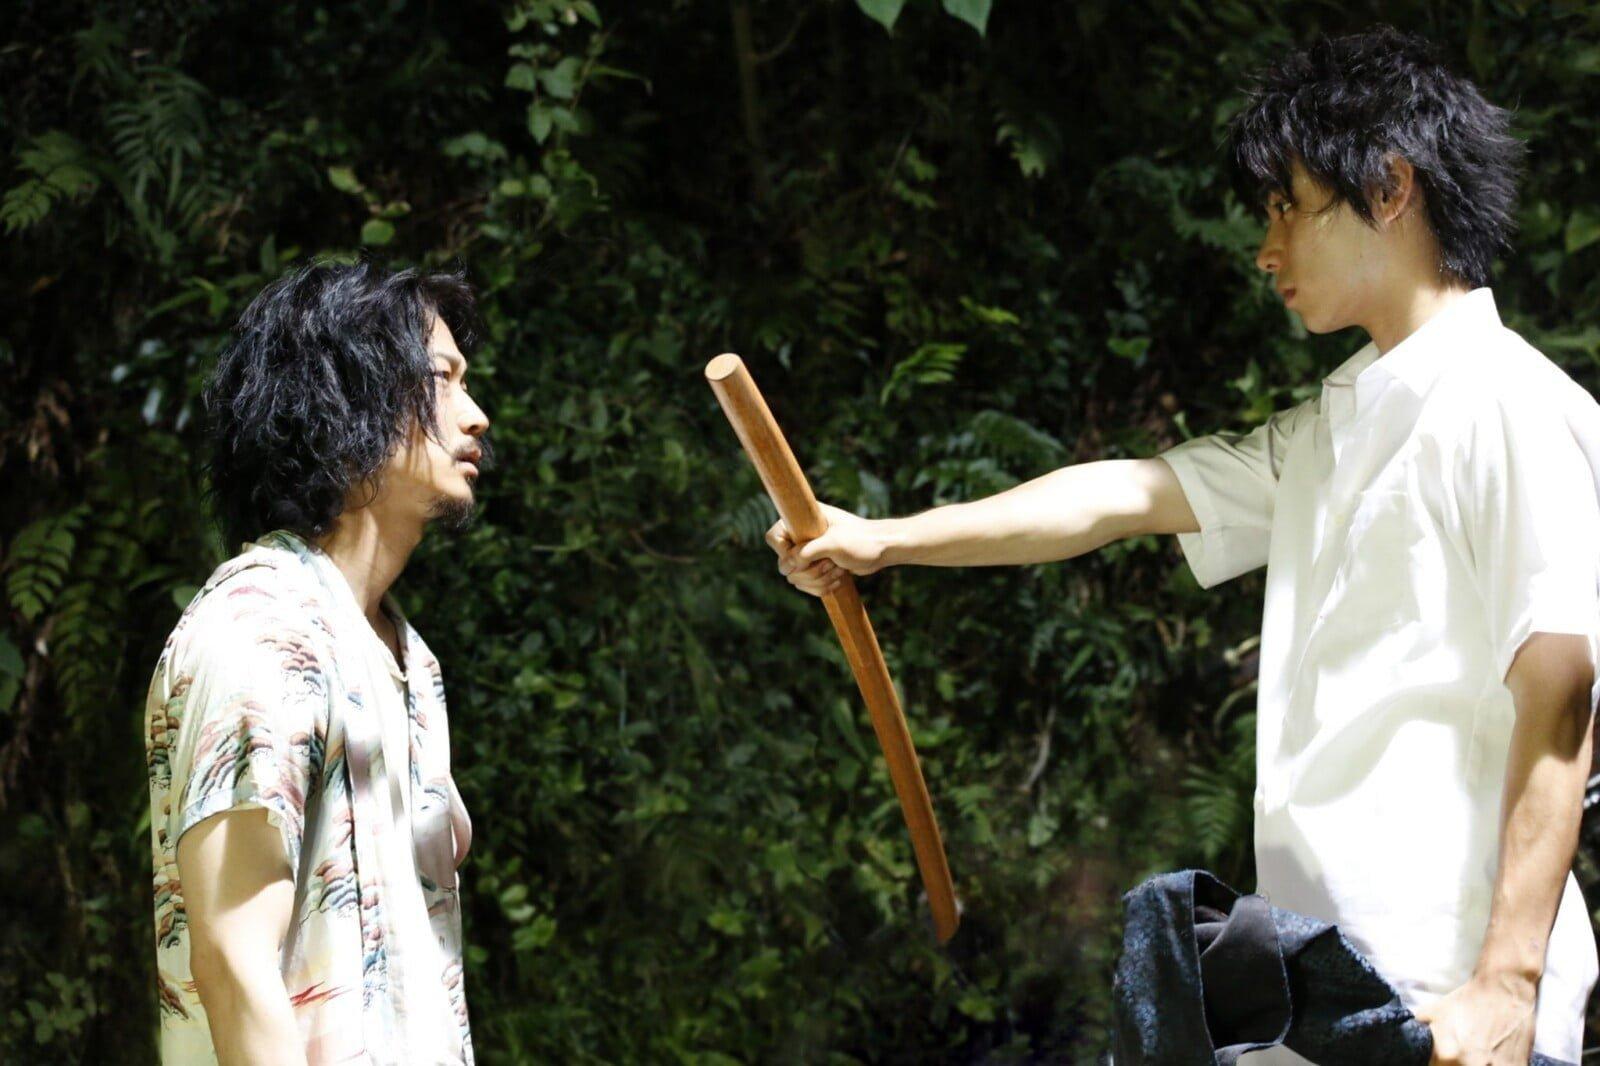 小松菜奈「綾野剛さんや村上虹郎さんの表情1つ1つが魅力的」各界の著名人達から絶賛コメントが続々到着!映画『武曲 MUKOKU』